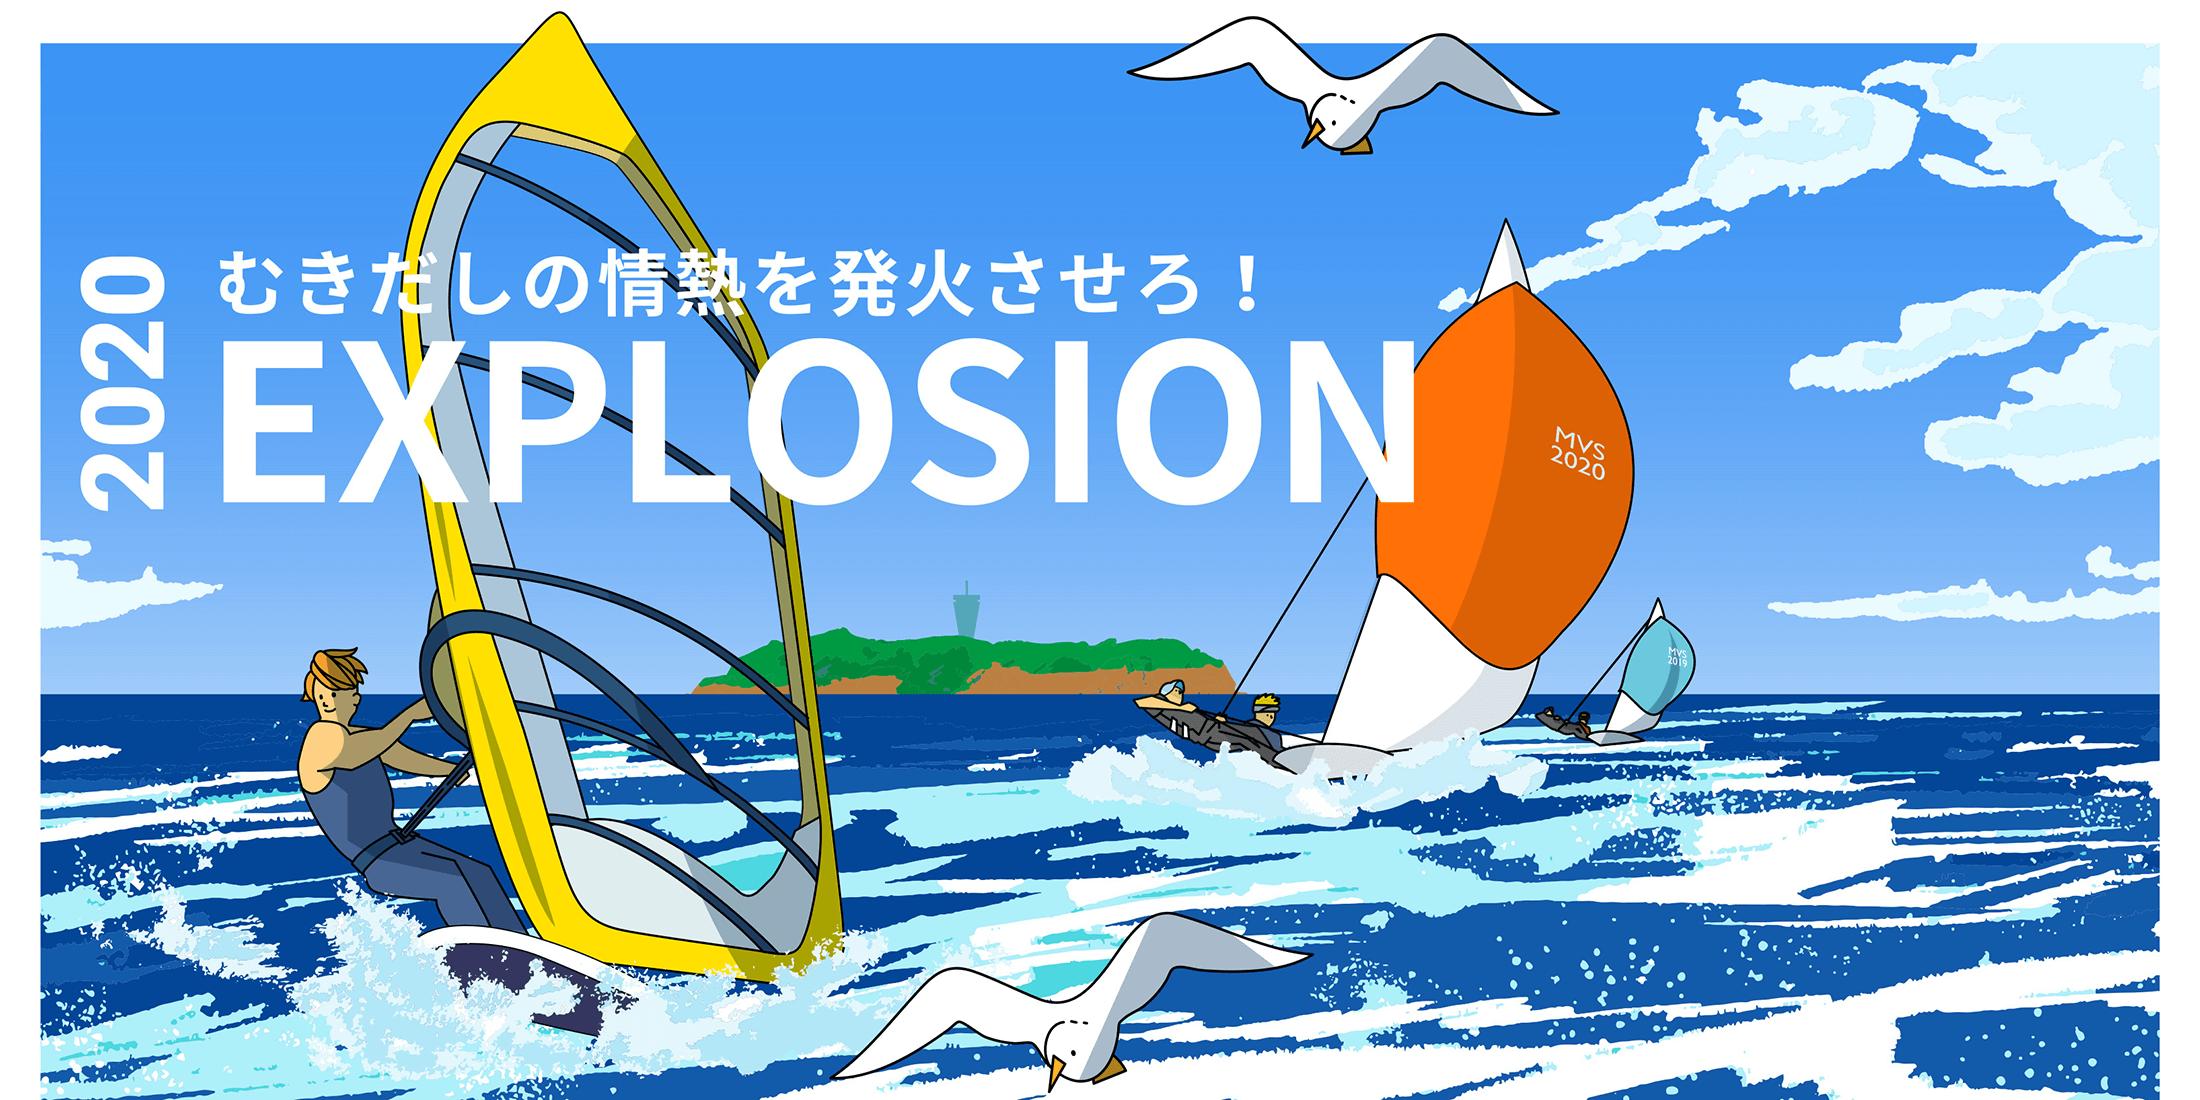 むきだしの情熱を発火させろ! 2020 EXPLOSION